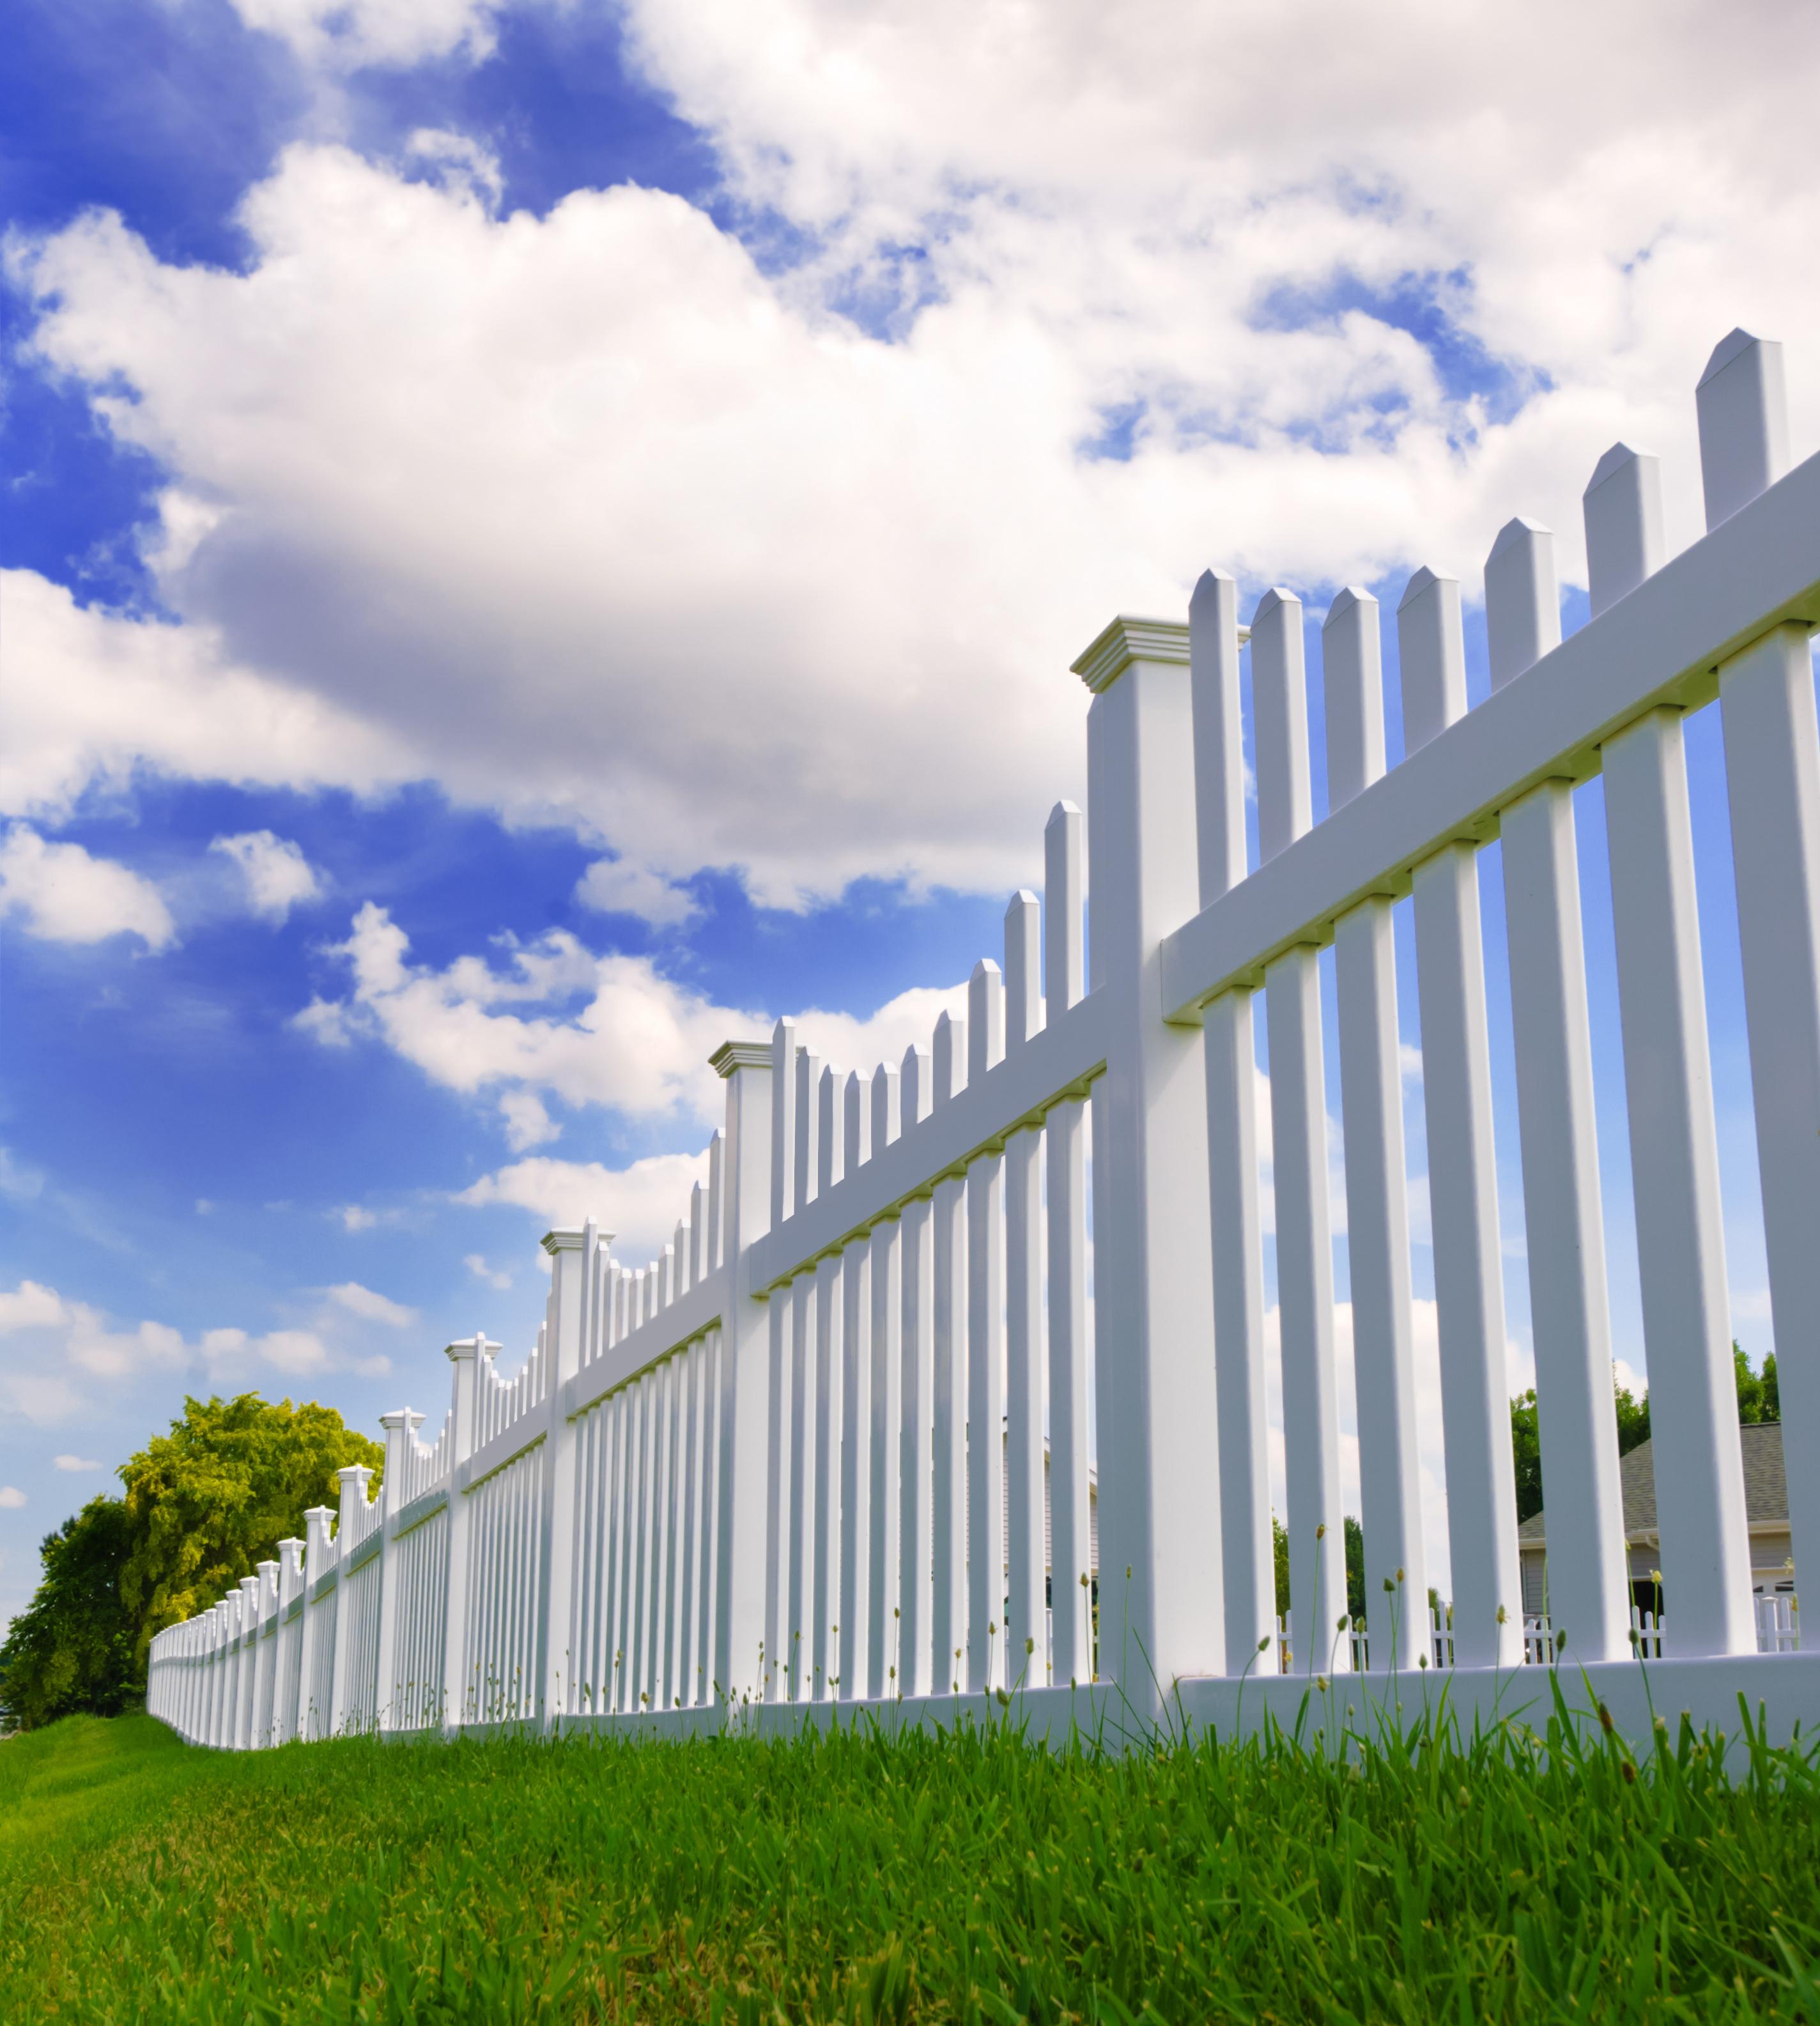 Vinyl Fencing   Hempstead, Medford, Long Island, Suffolk County, Nassau County, NY   Wood Kingdom West